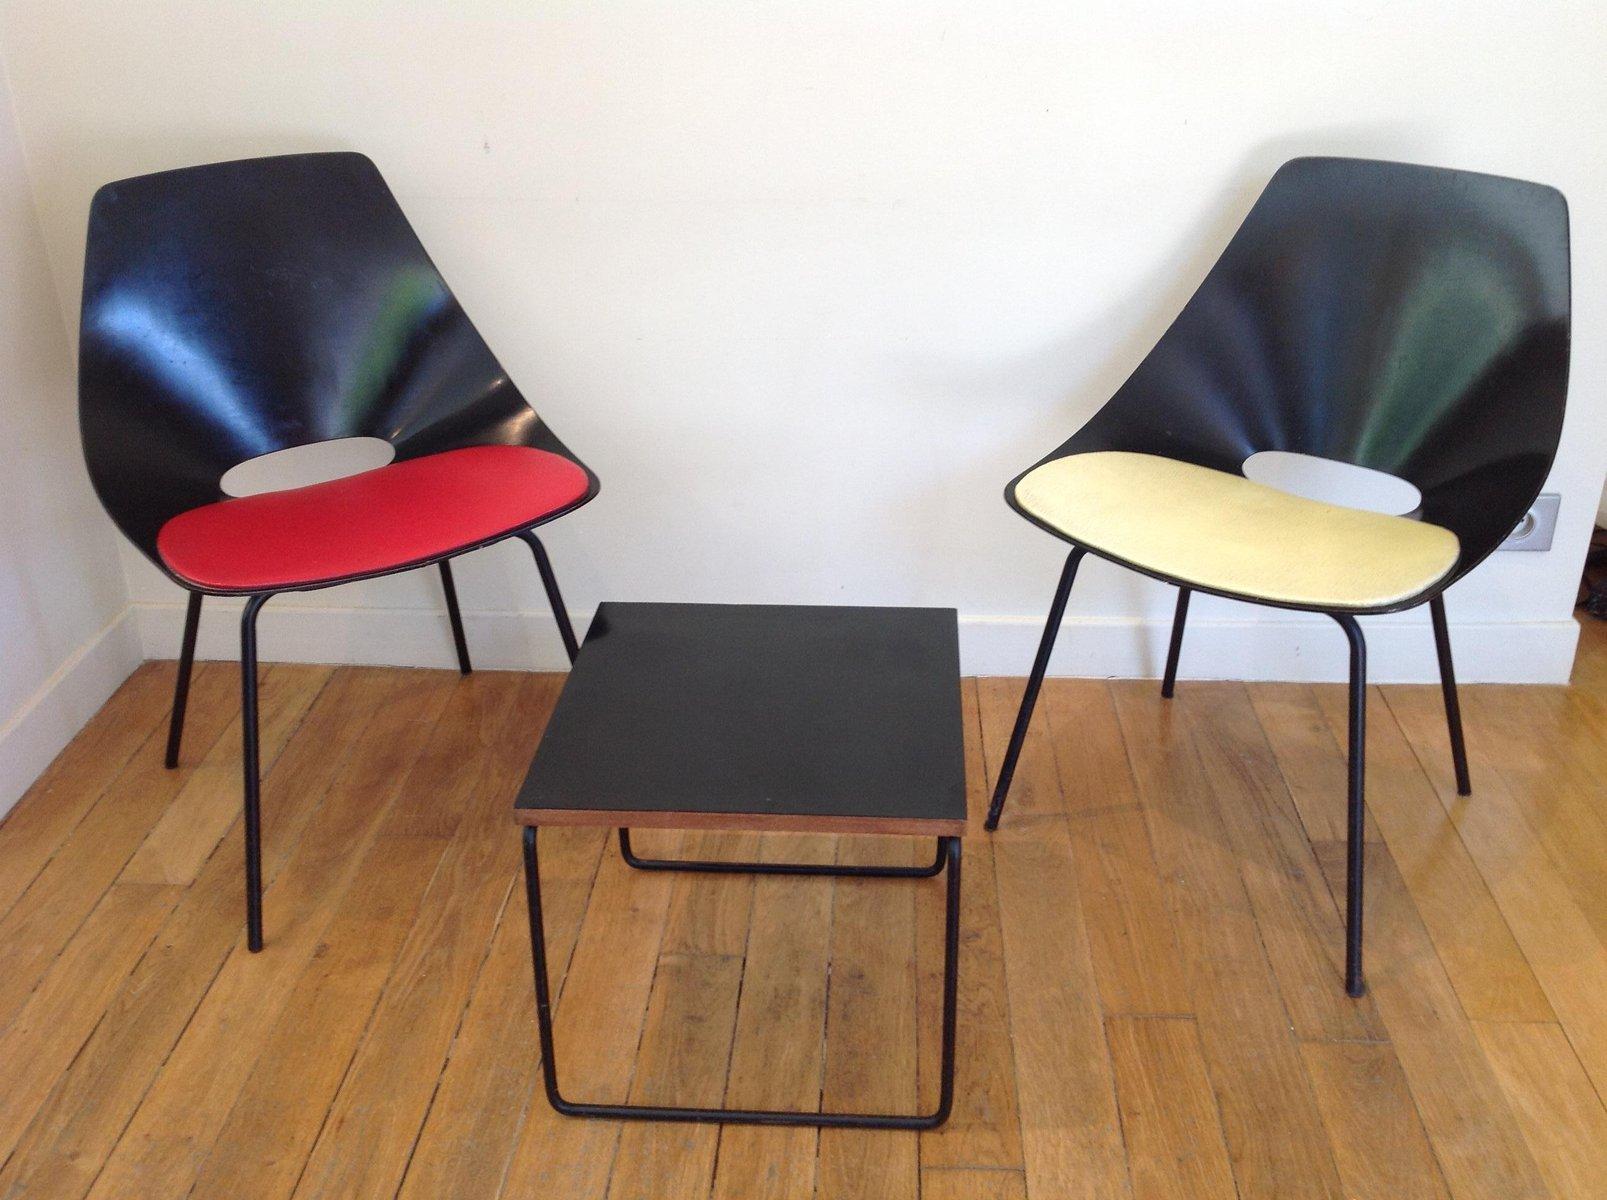 chaise barrel rouge et noir par pierre guariche pour steiner france 1950s en vente sur pamono. Black Bedroom Furniture Sets. Home Design Ideas